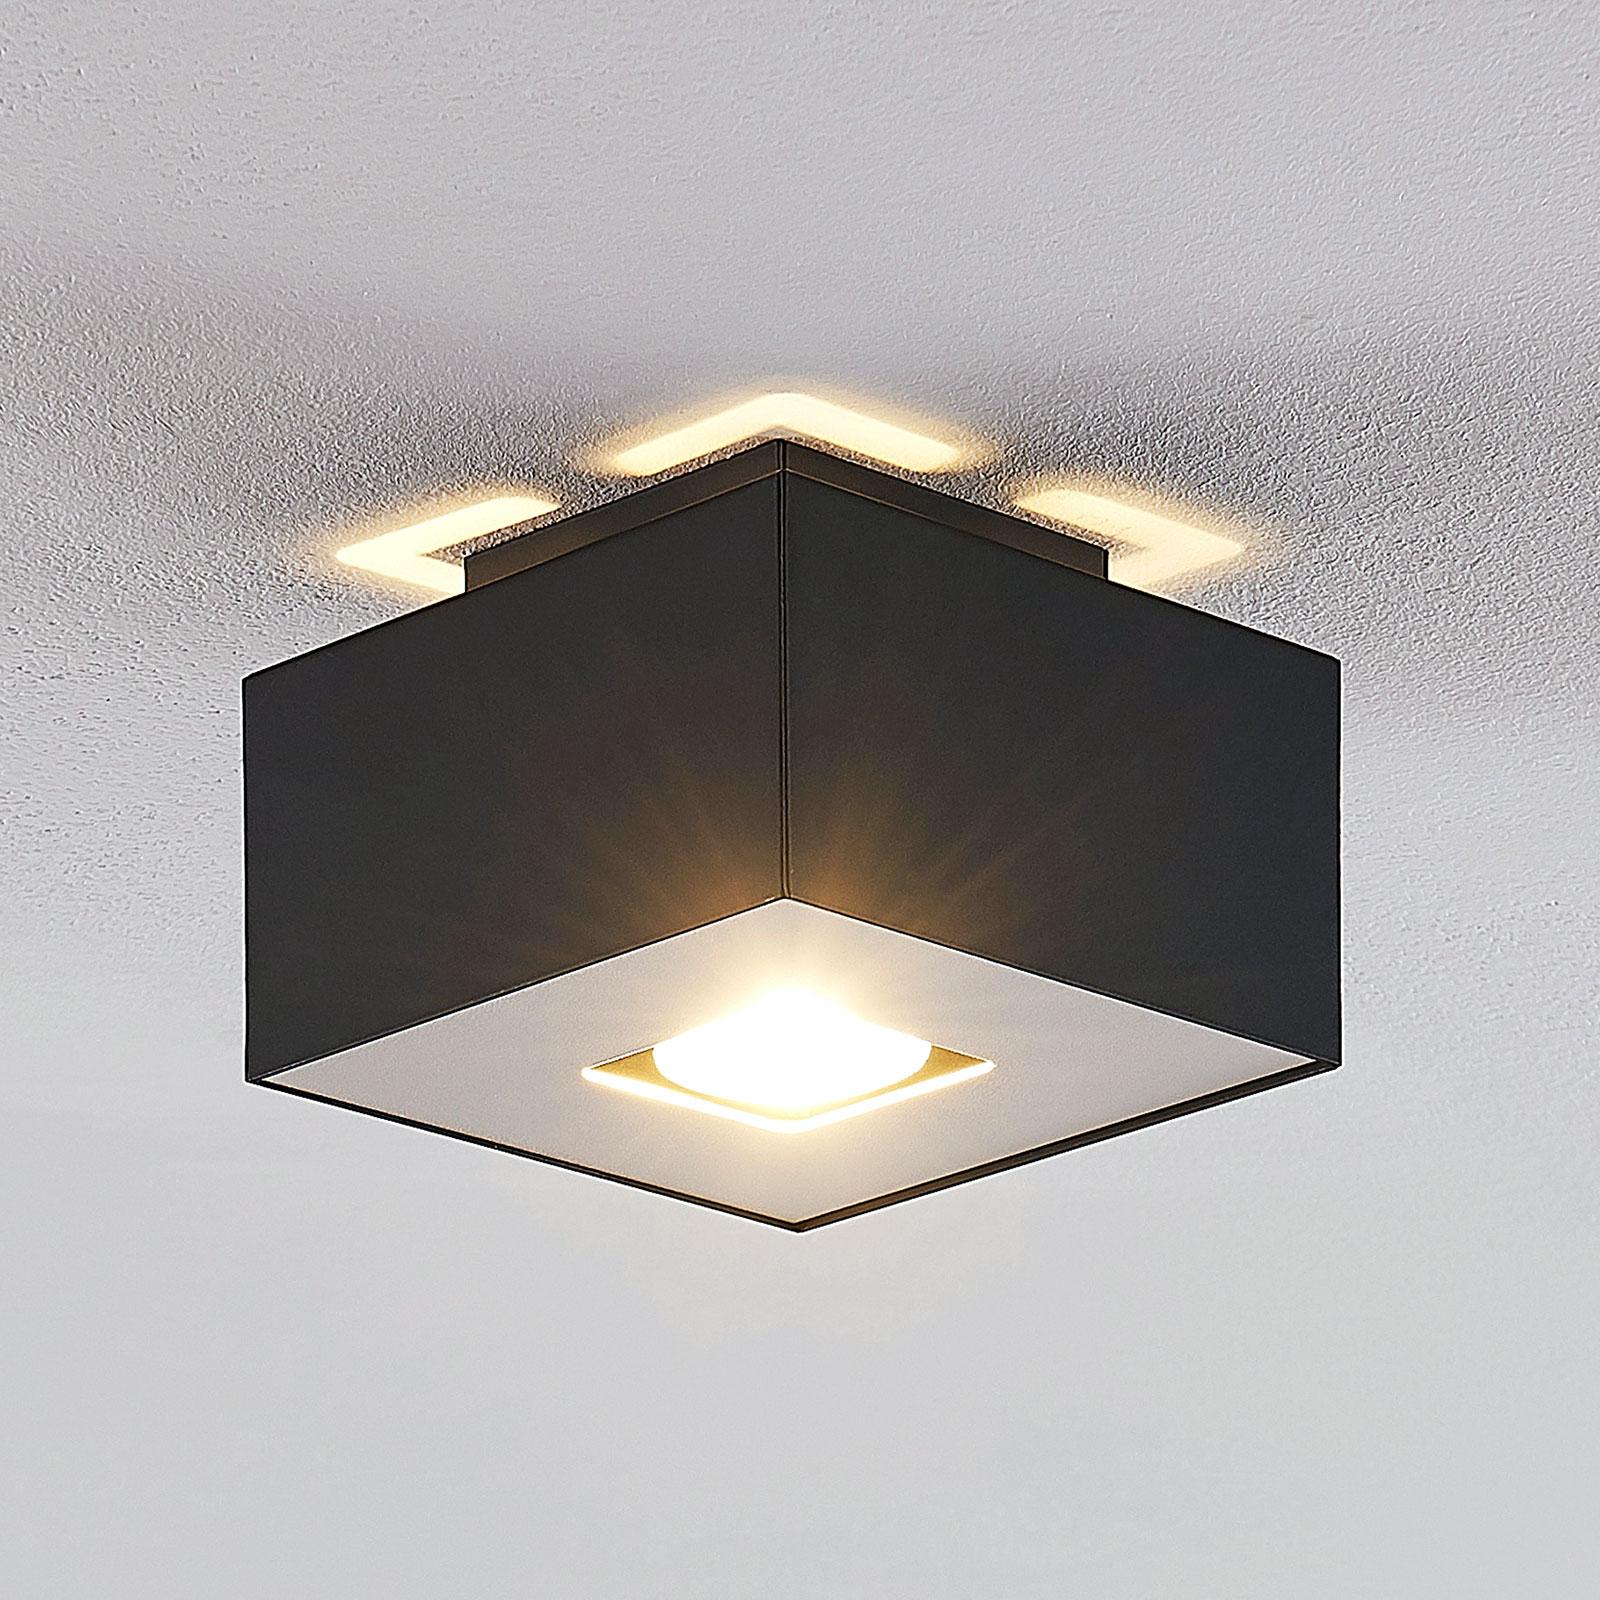 Lindby Kasi -kattovalaisin, musta, 1-lamppuinen